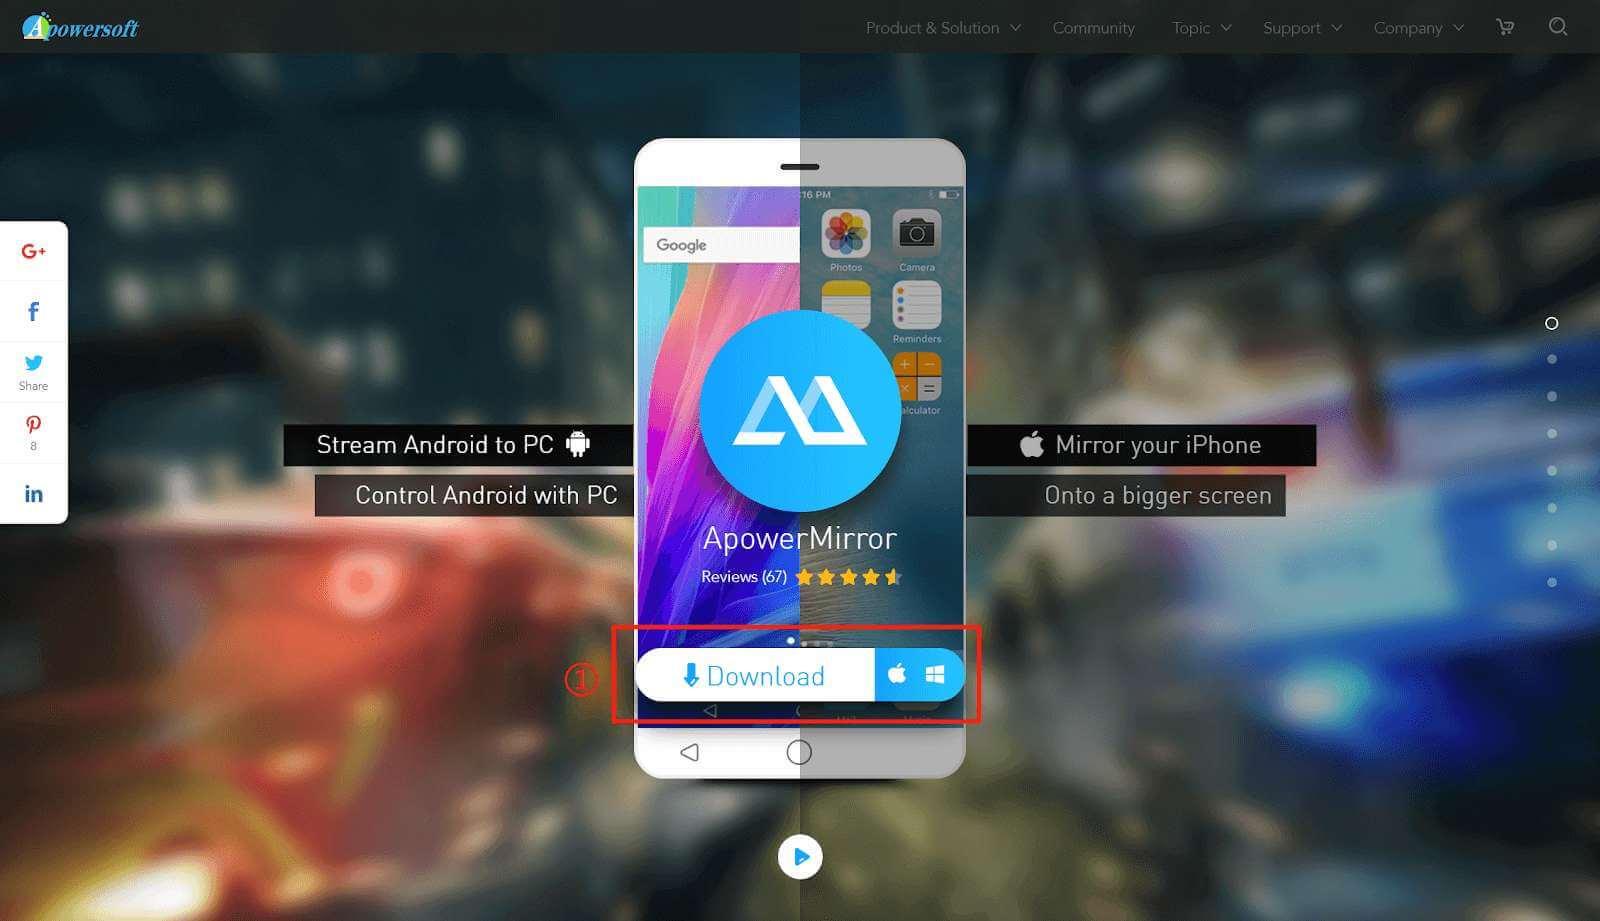 apowermirror free download